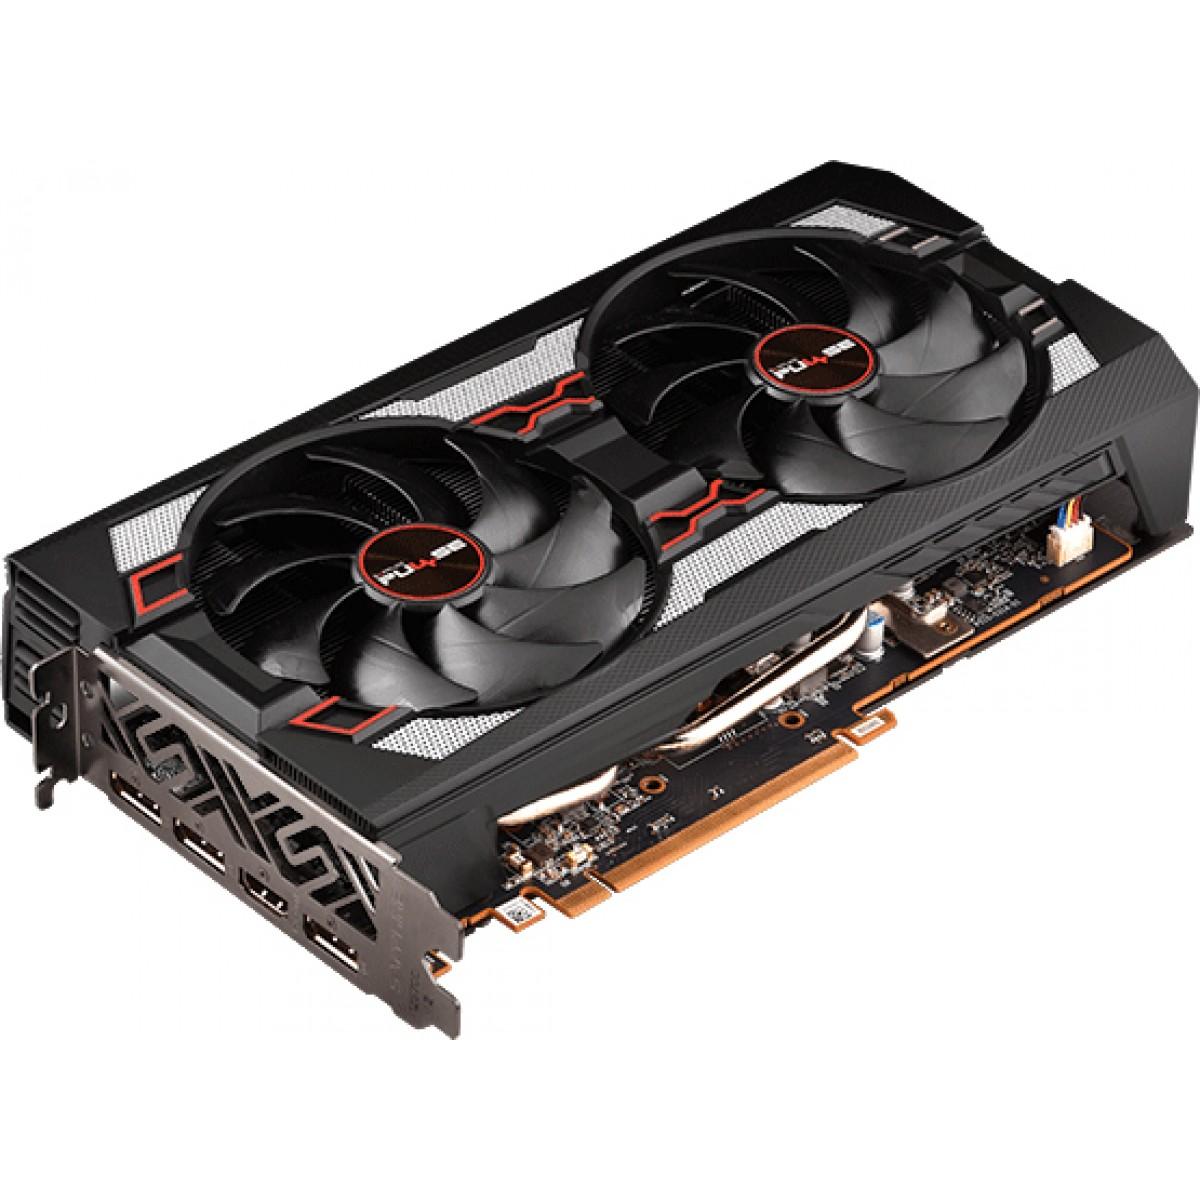 Placa de Vídeo Sapphire Radeon Navi RX 5700 Pulse, 8GB GDDR6, 256Bit